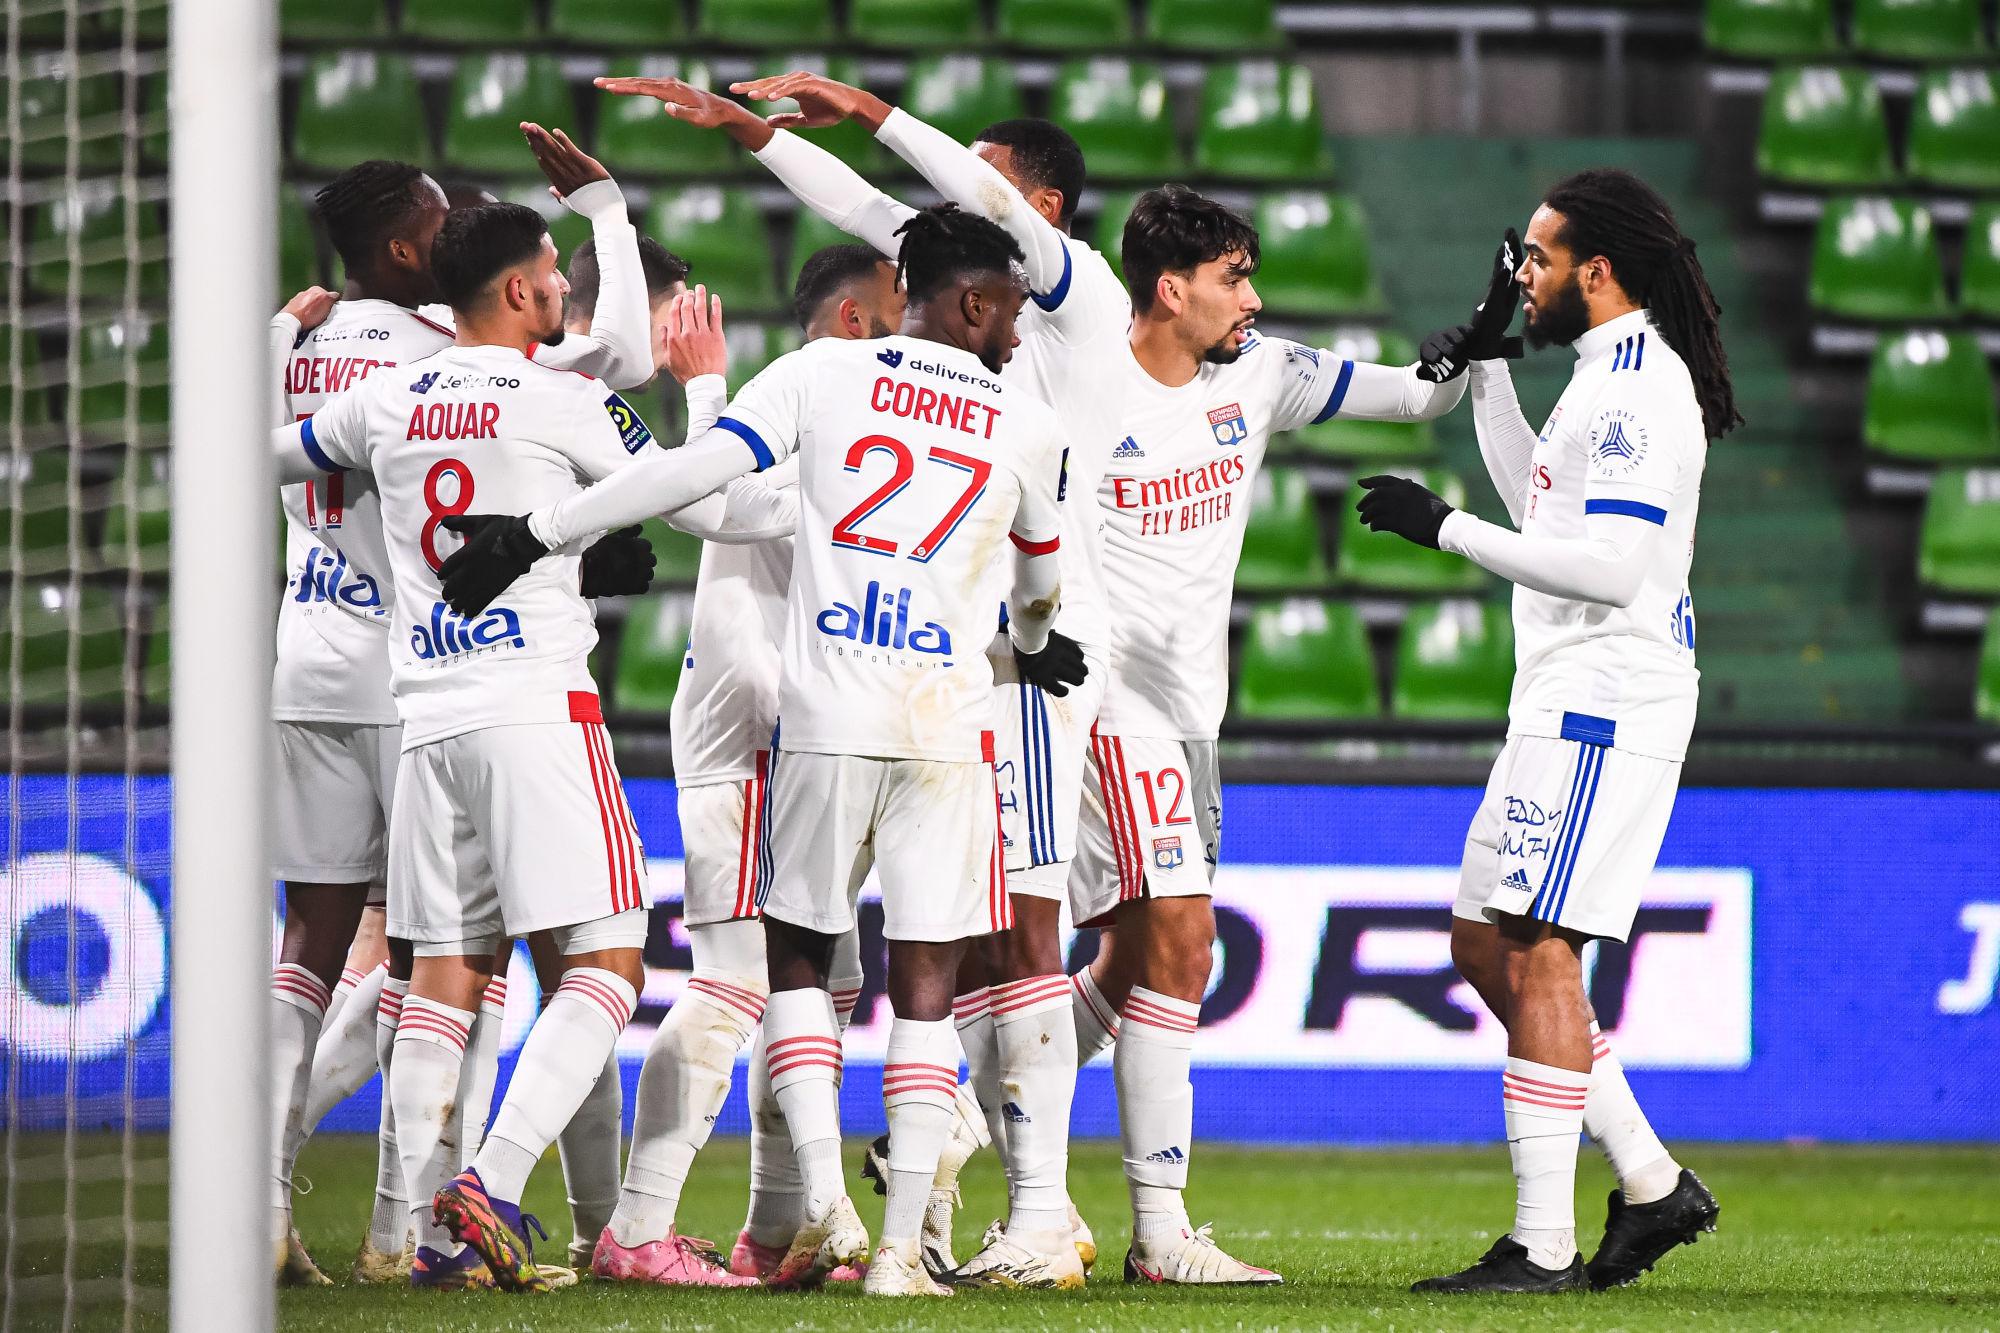 """PSG/OL - Larqué pense que les Lyonnais peuvent """"déséquilibrer"""" Paris"""